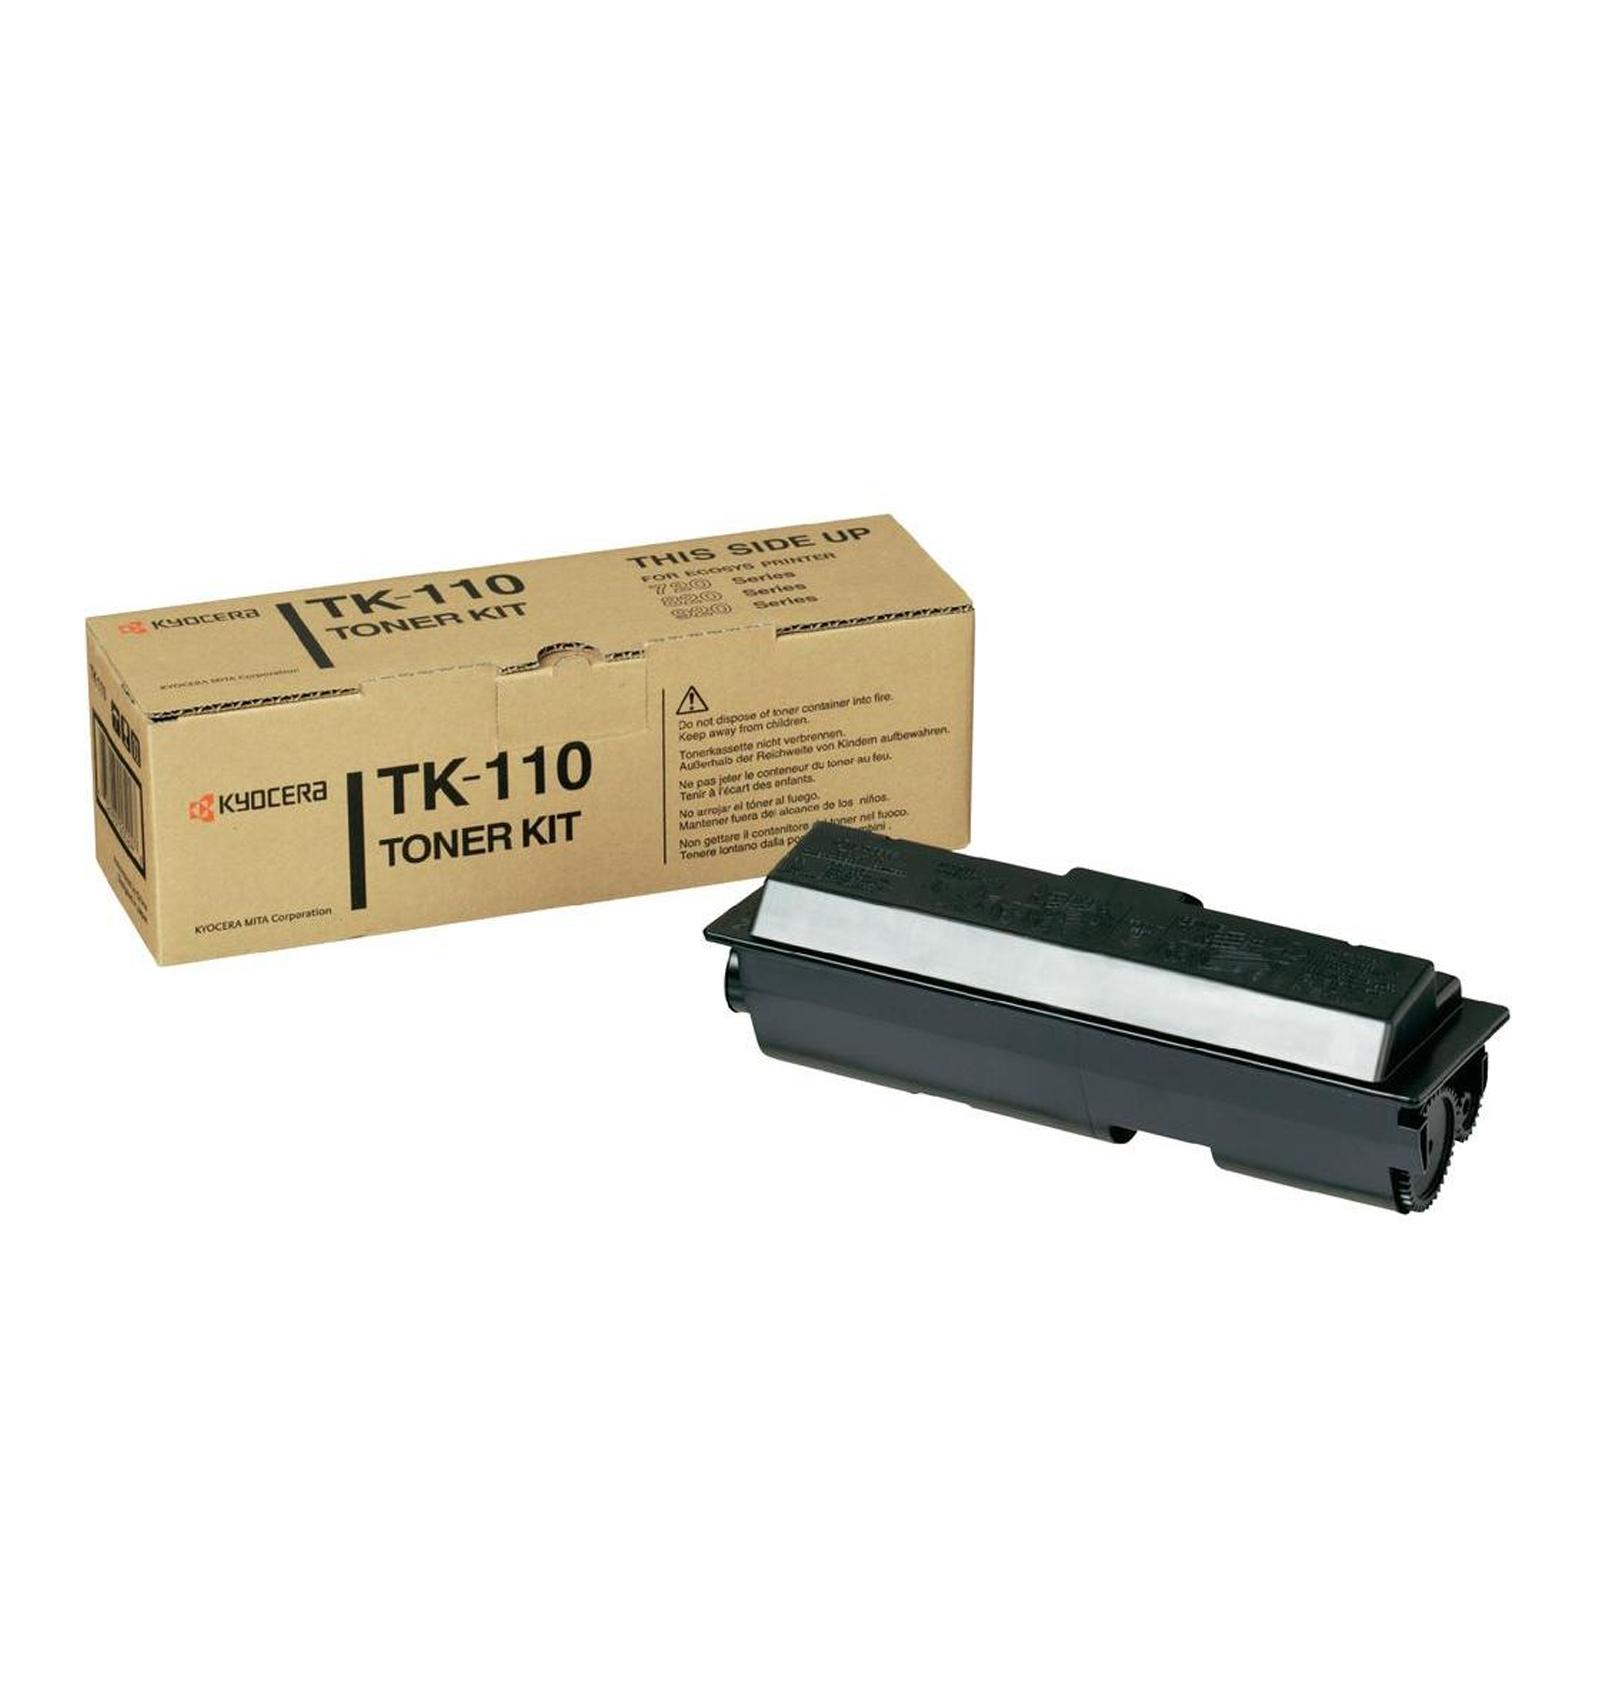 Заправка картриджа Kyocera TK-110 для FS-1016mfp/1116mfp/720/820820n/920/920n